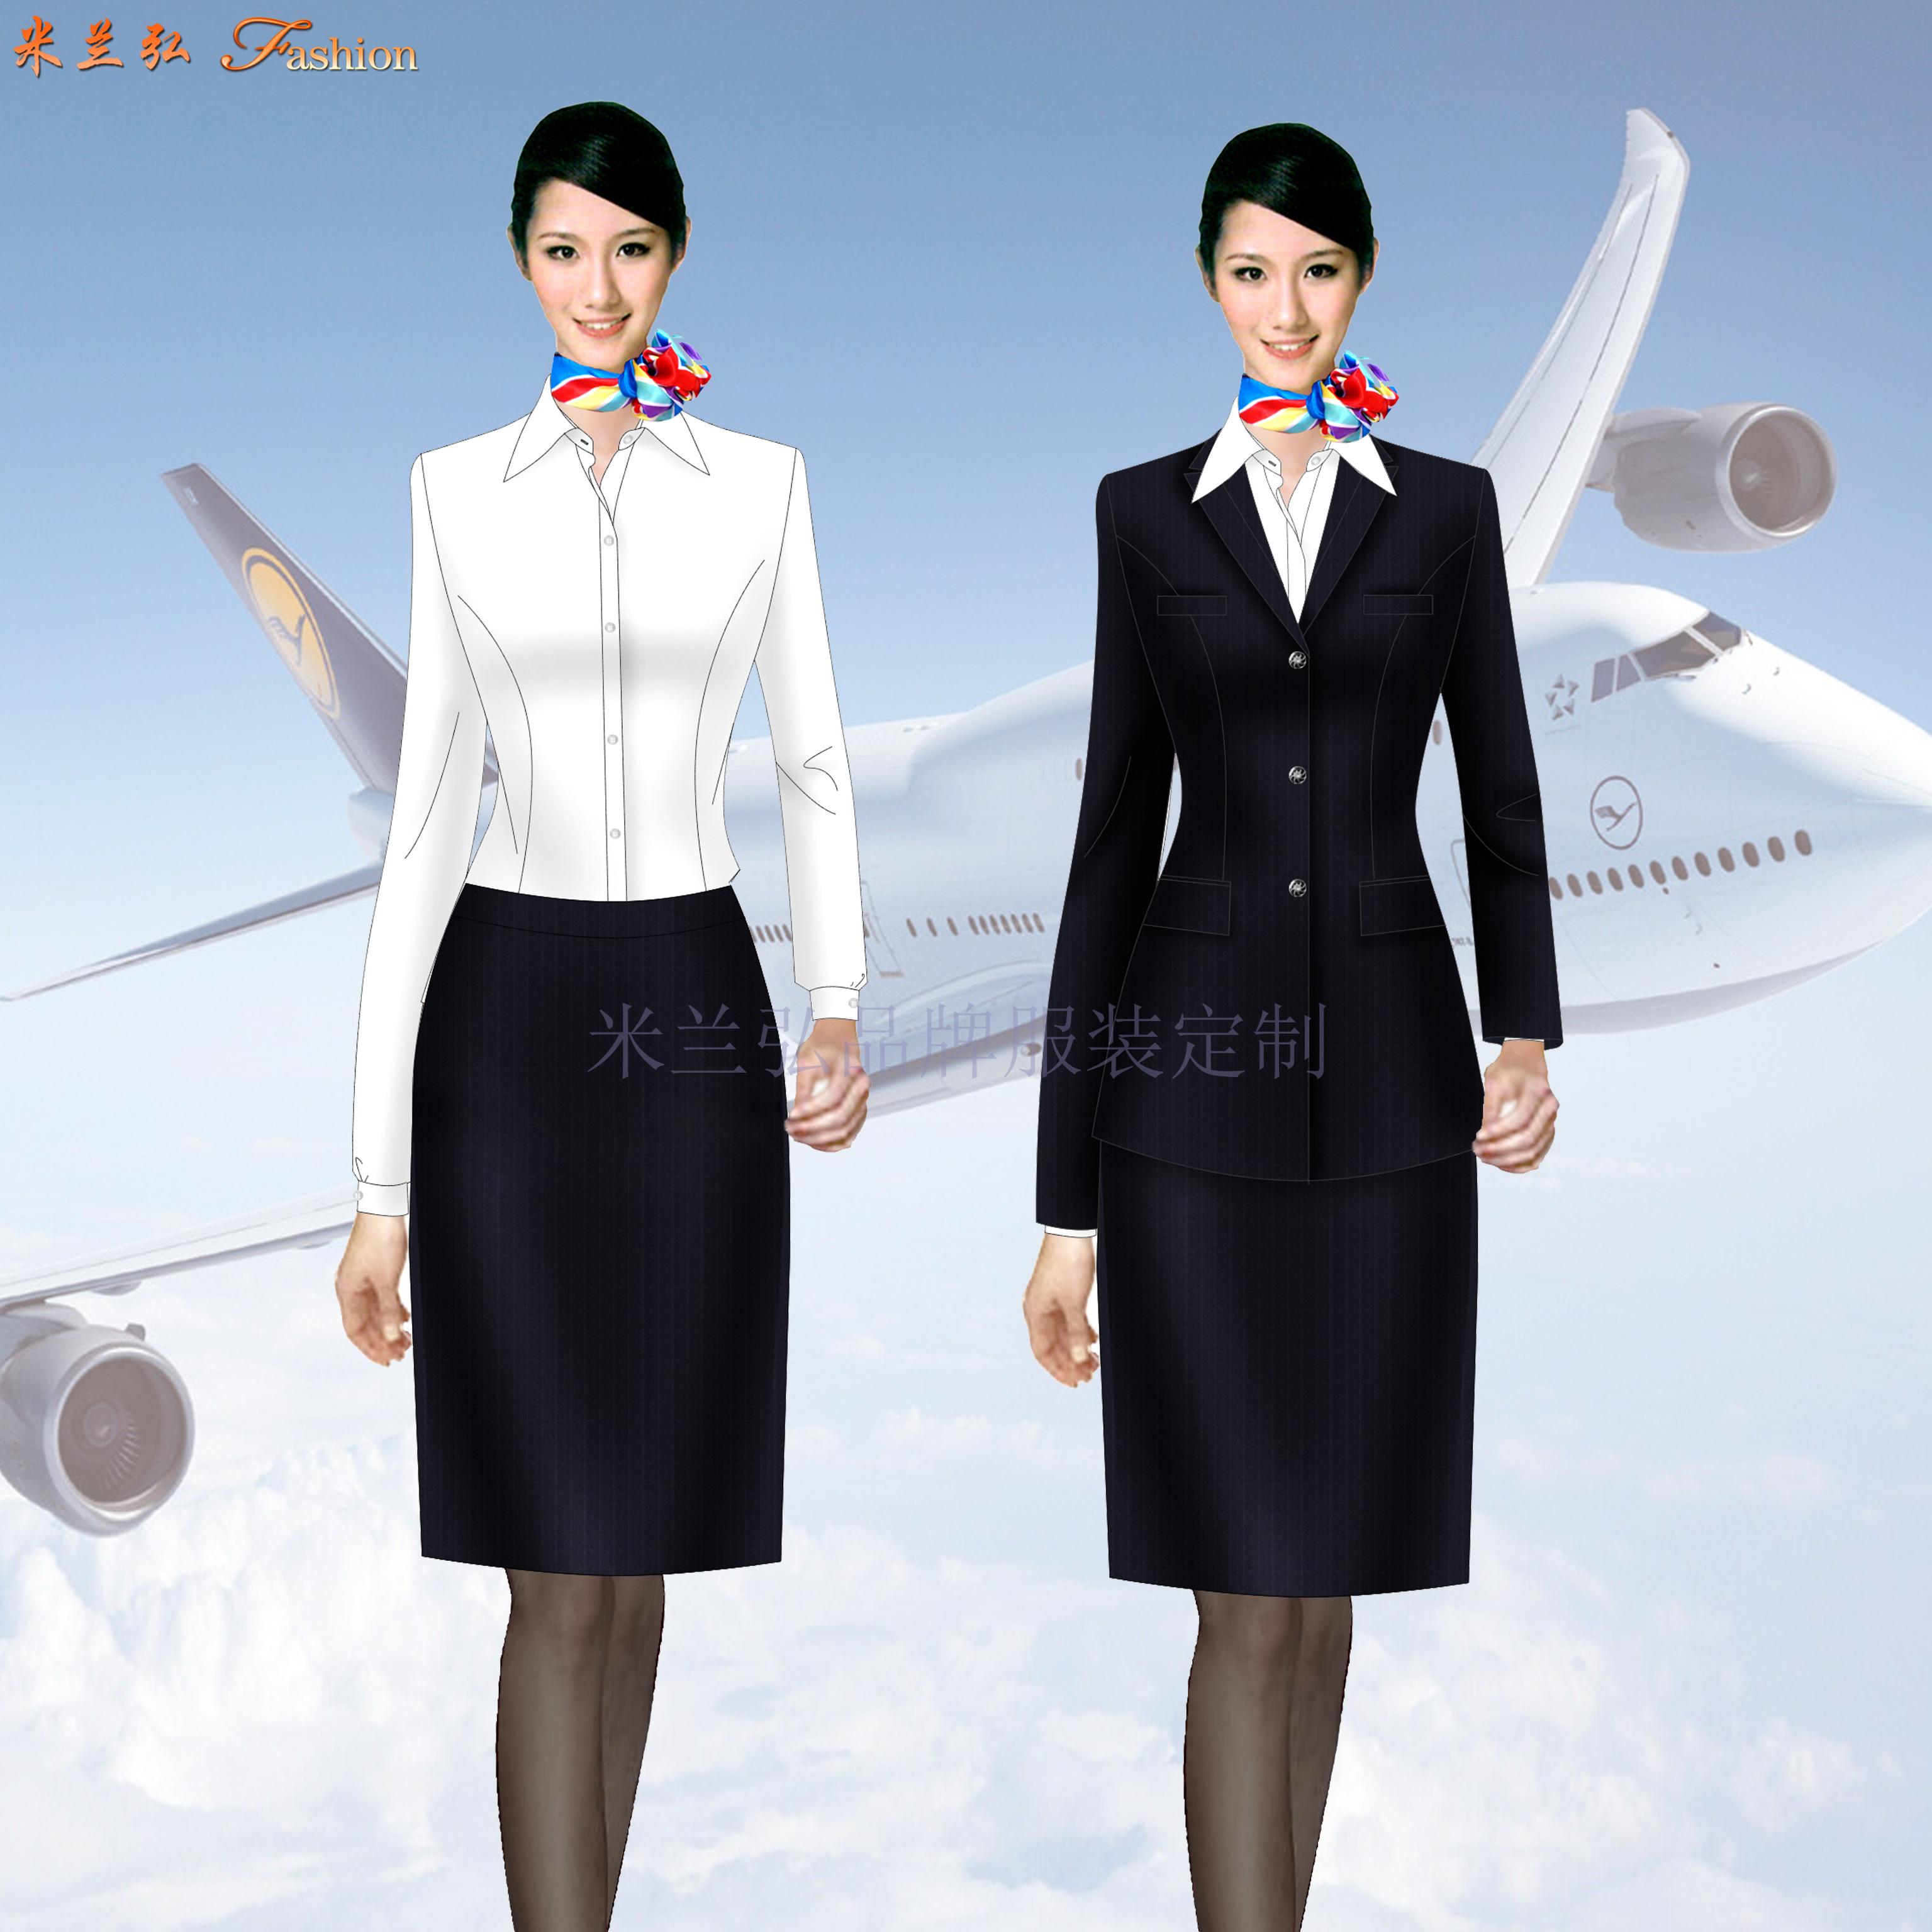 深圳寶安國際機場管理員行政西服定做-米蘭弘服裝廠家-5